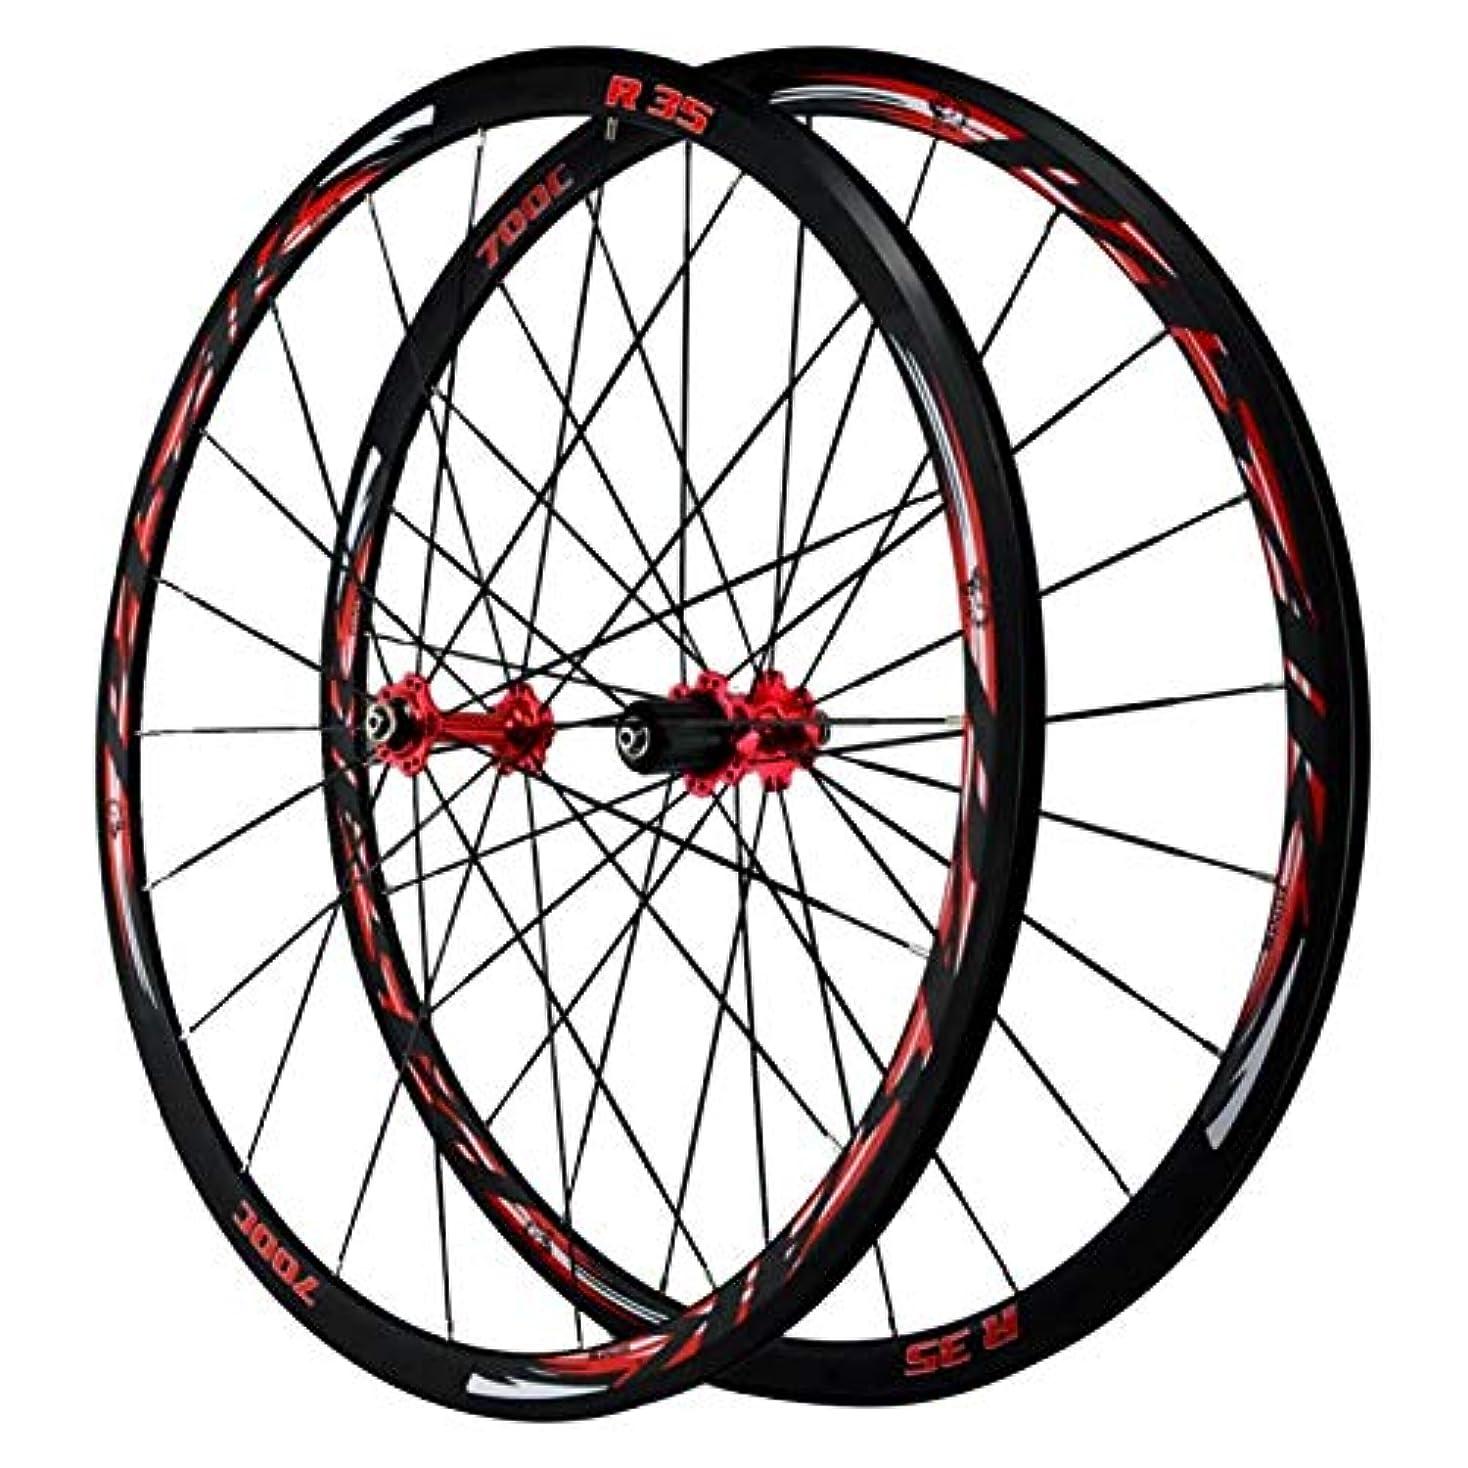 険しい山積みの反発自転車ホイールセット700C、サイクリングホイールセット 二重壁 CブレーキVブレーキ 円の高さ30MM 7/8/9/10/11/12スピード